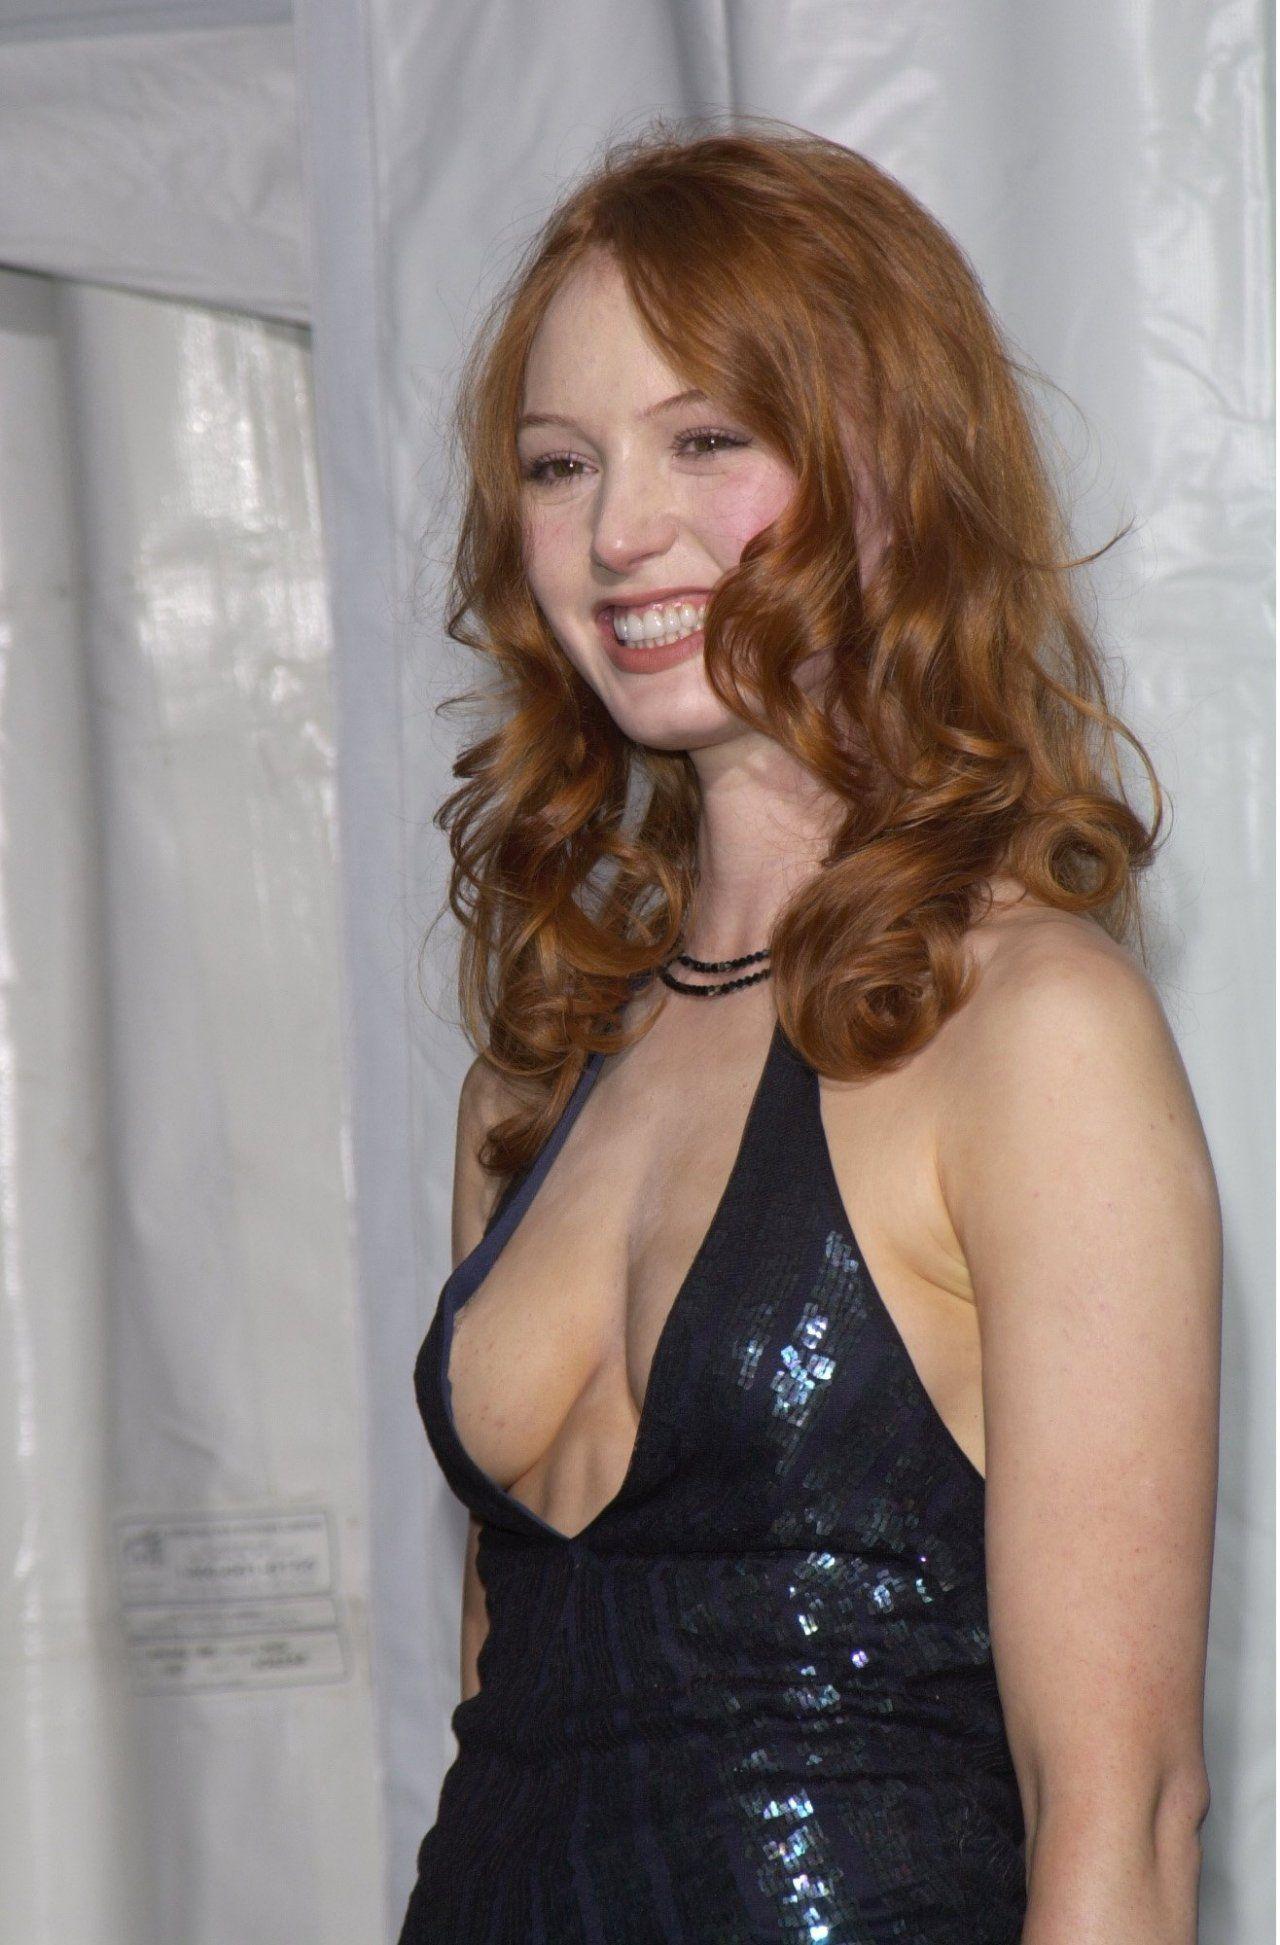 Celebrites Laurel Witt nudes (29 photos), Sexy, Sideboobs, Twitter, butt 2015